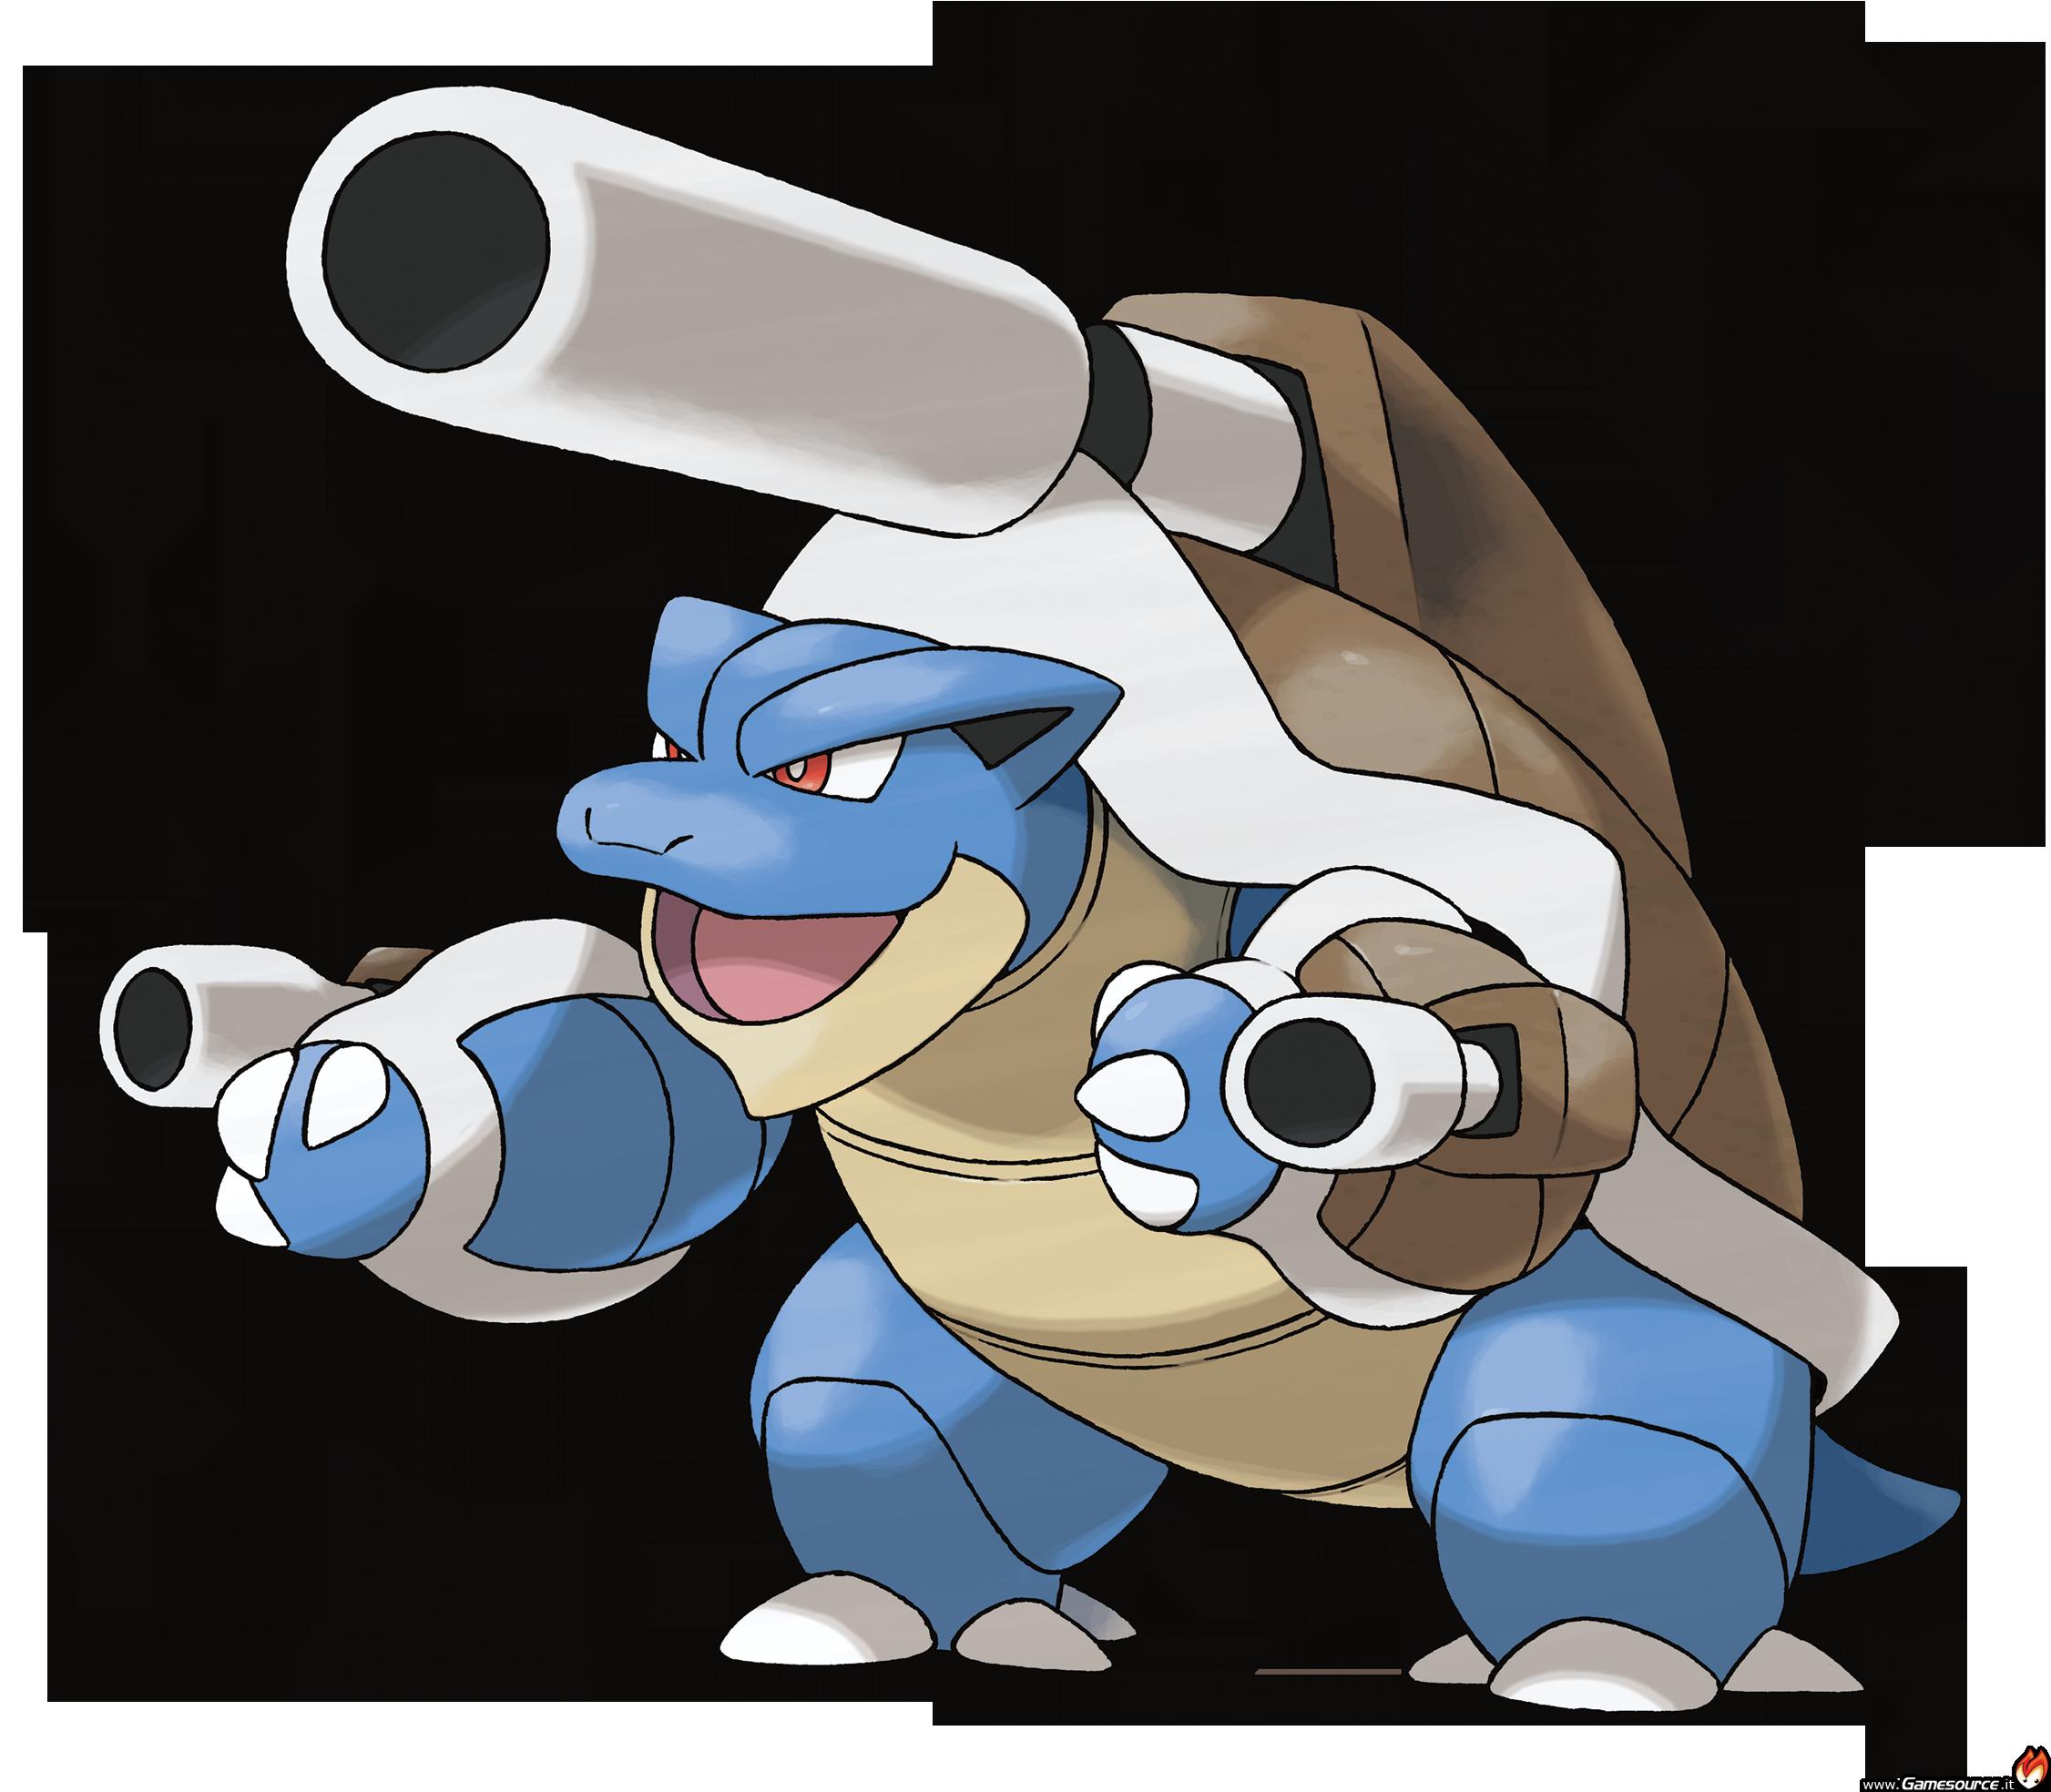 Annunciate le megaevoluzioni di bulbasaur charmander for Immagini bulbasaur